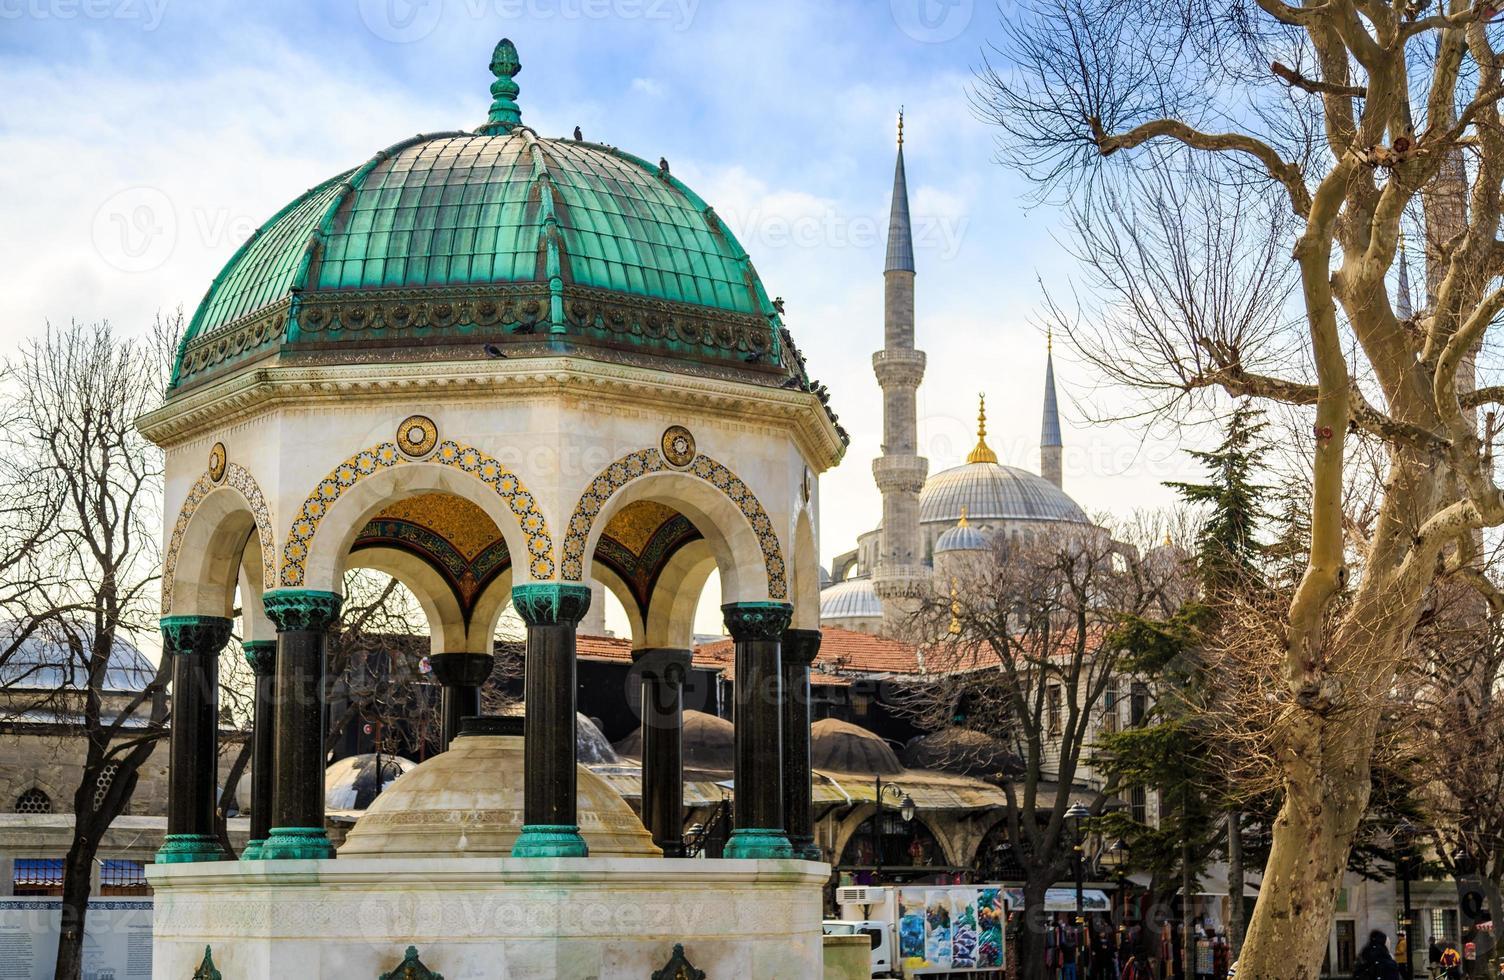 vecchio monumento a istanbul. foto